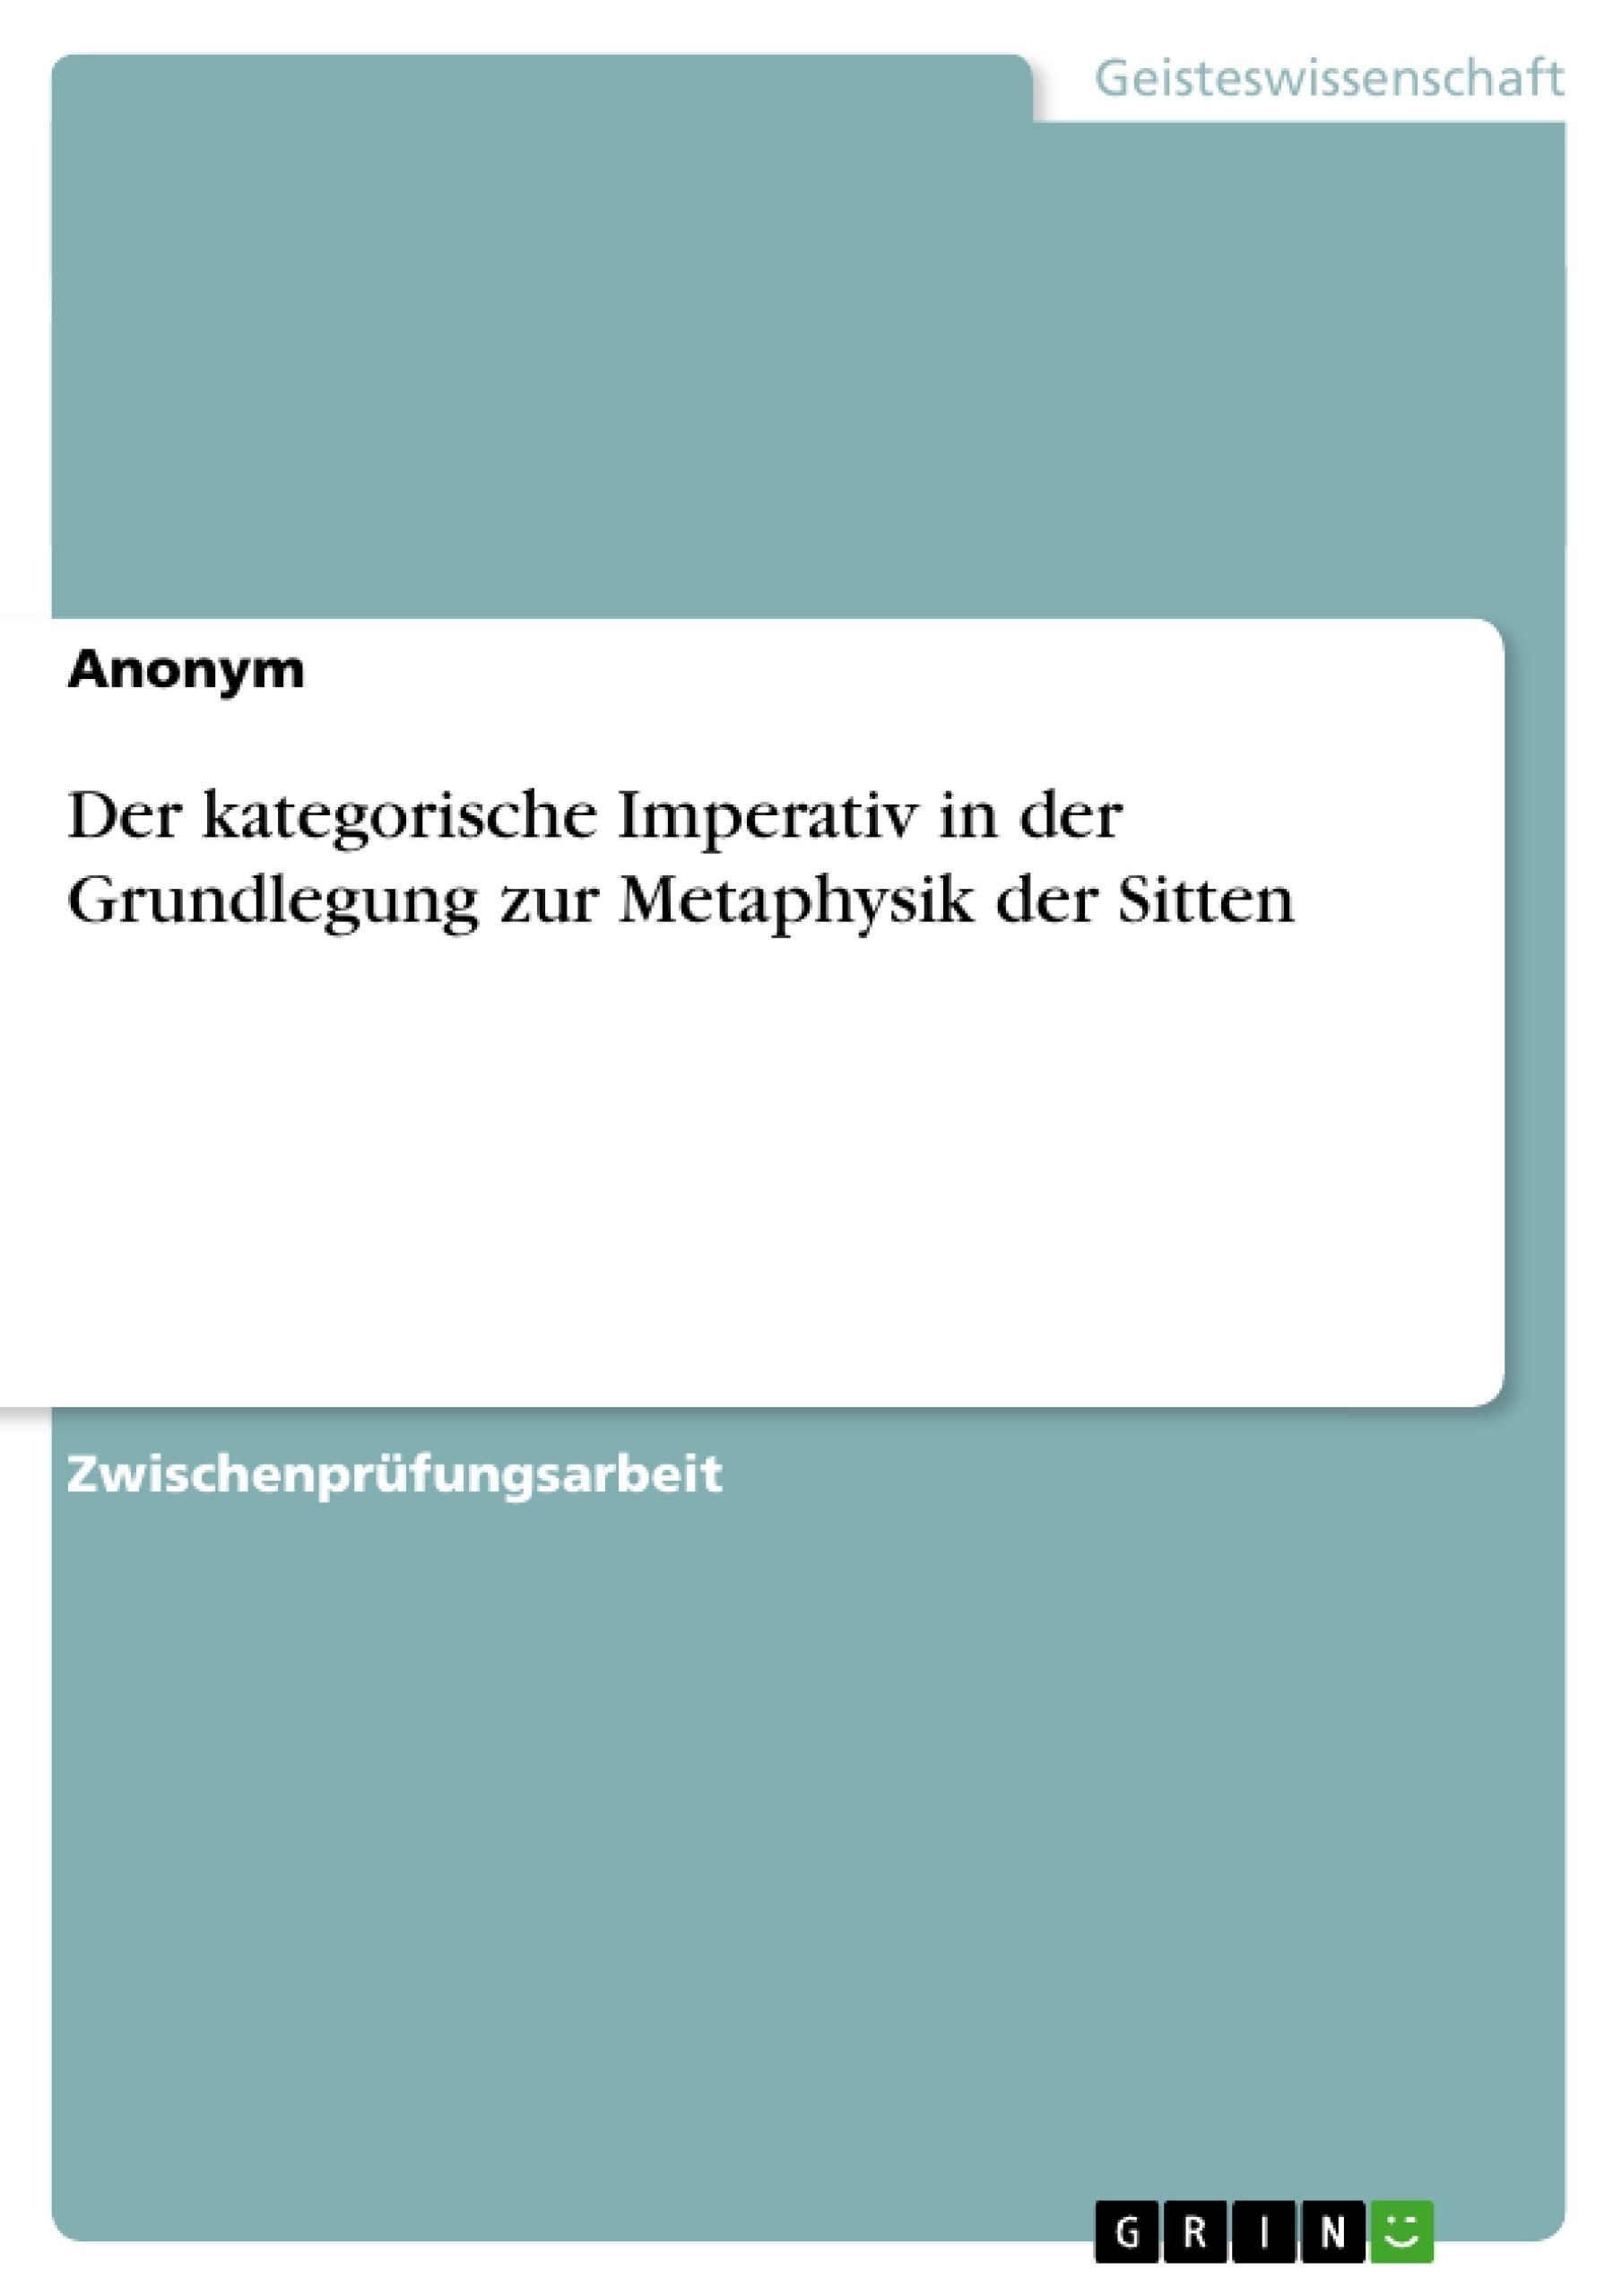 Titel: Der kategorische Imperativ in der Grundlegung zur Metaphysik der Sitten